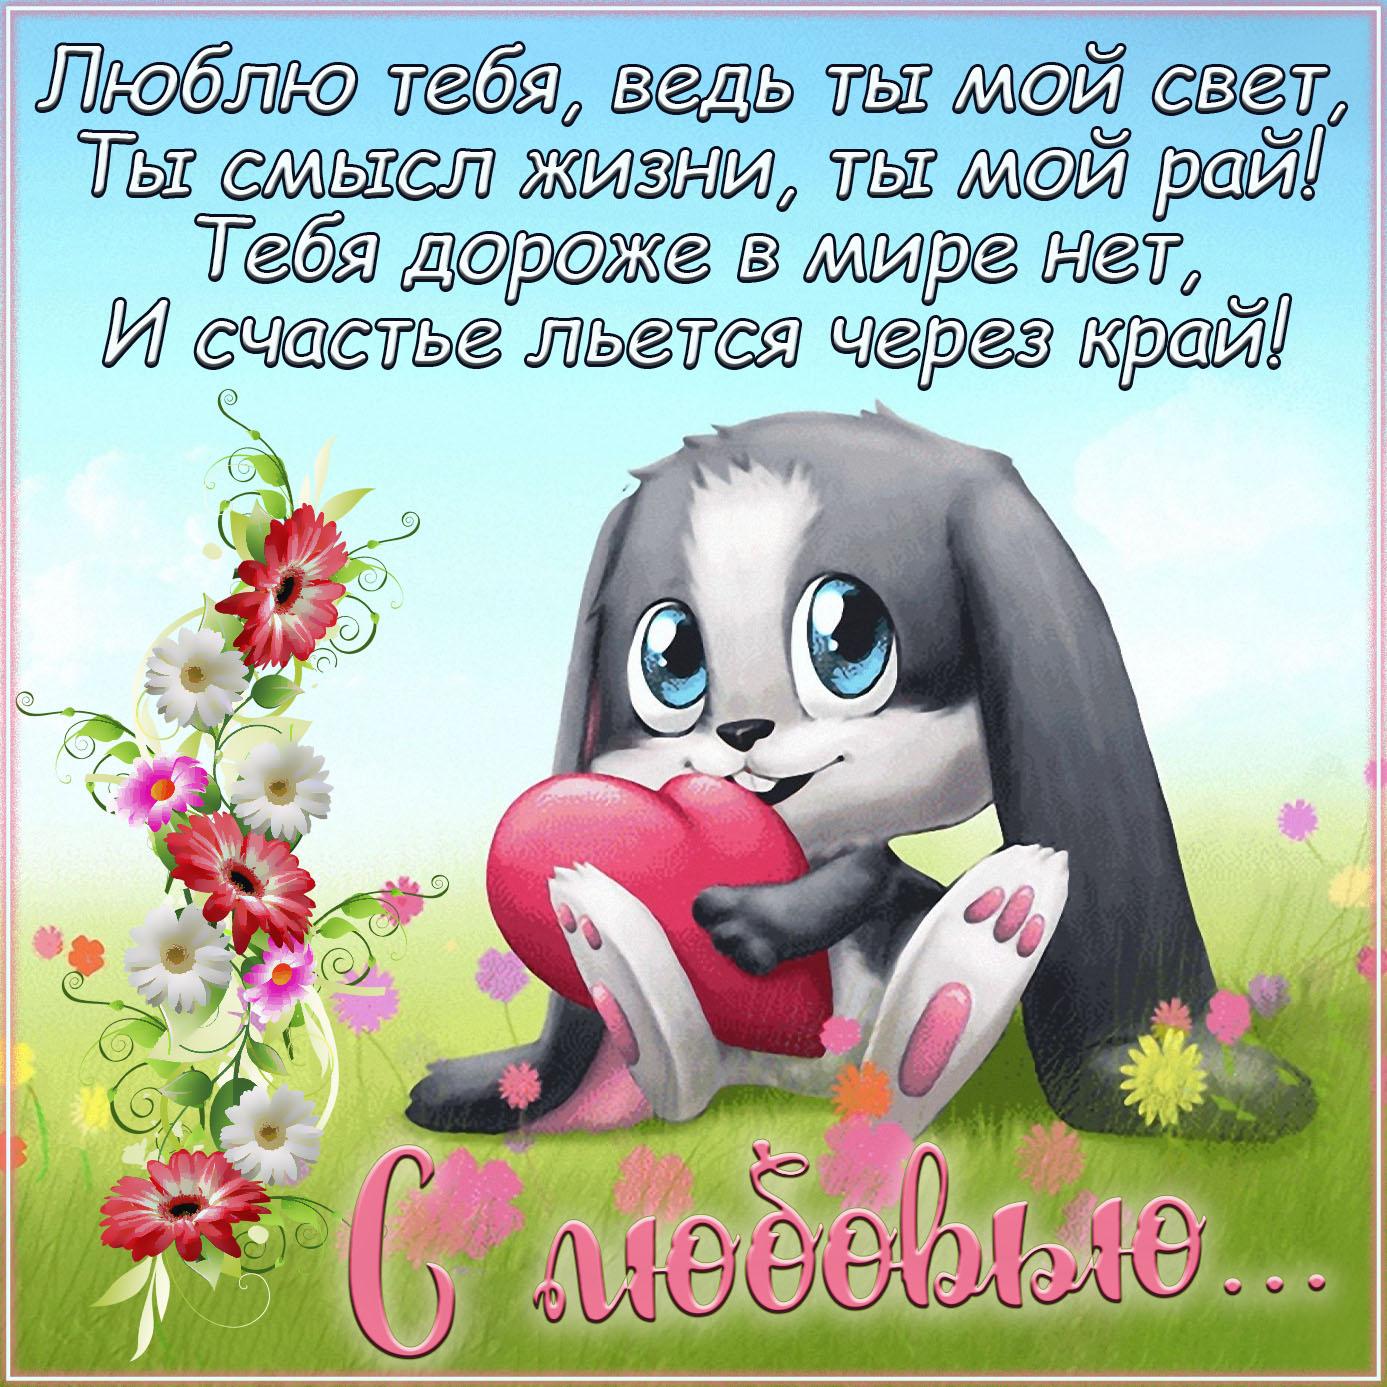 Картинка с кроликом для любимого человека